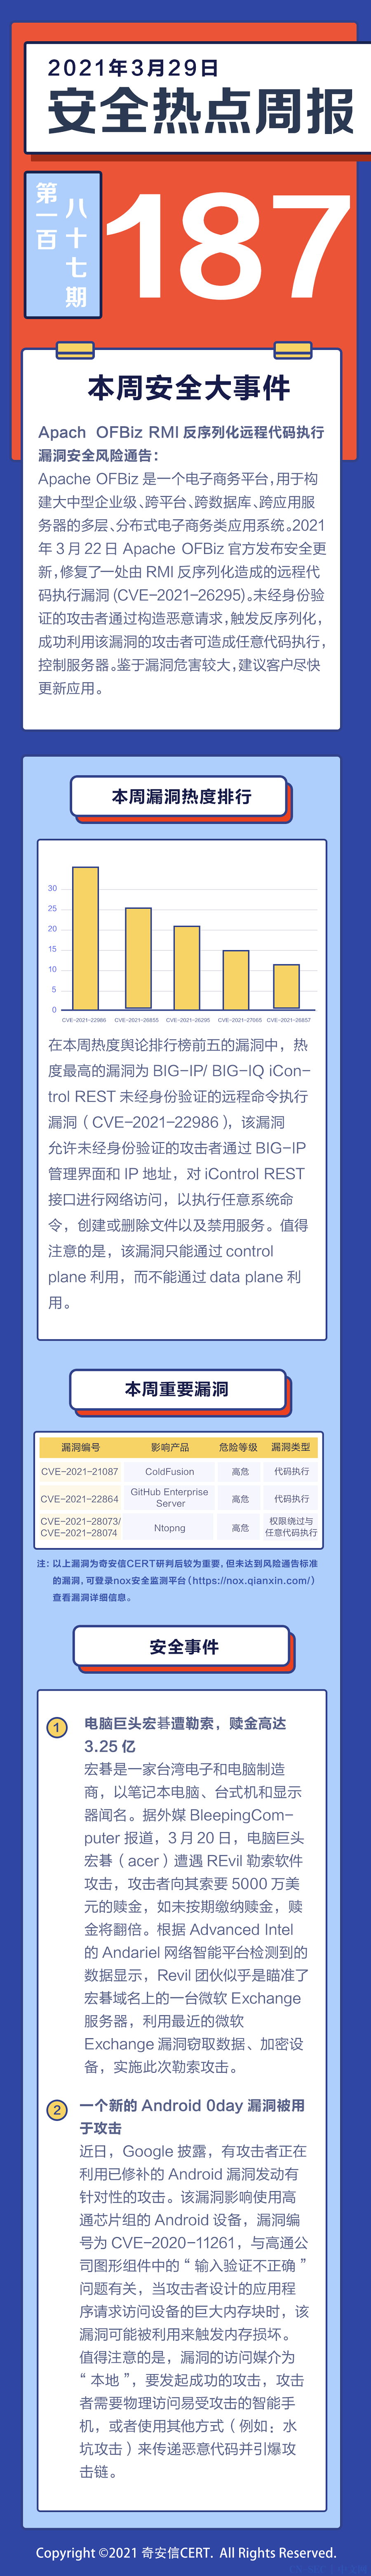 【安全热点周报】第187期:Apache OFBiz RMI反序列化远程代码执行漏洞奇安信产品已支持防护